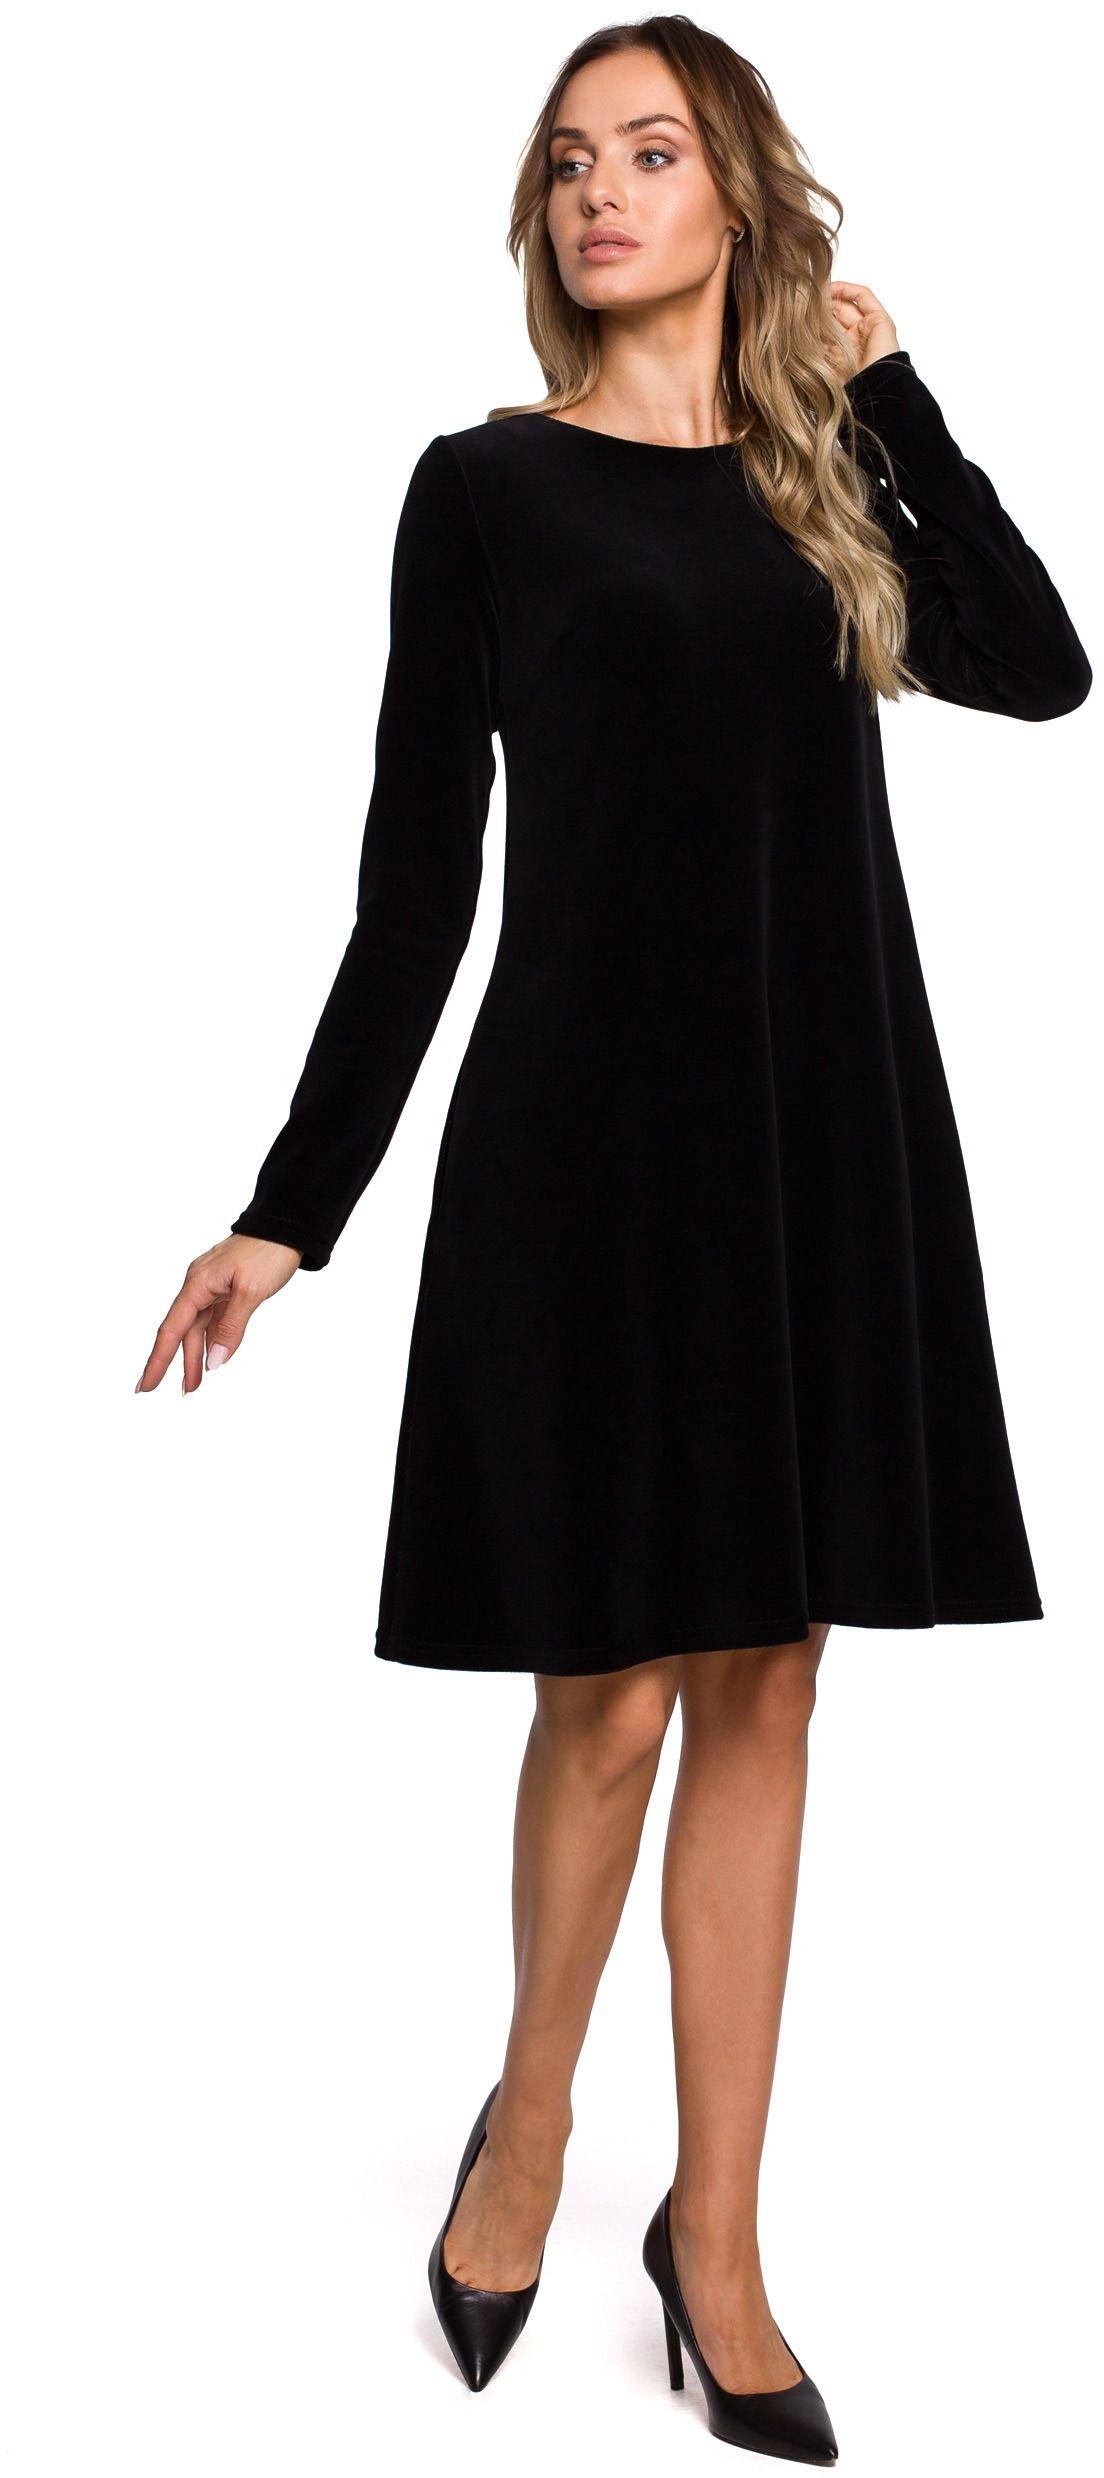 Czarna trapezowa sukienka z weluru